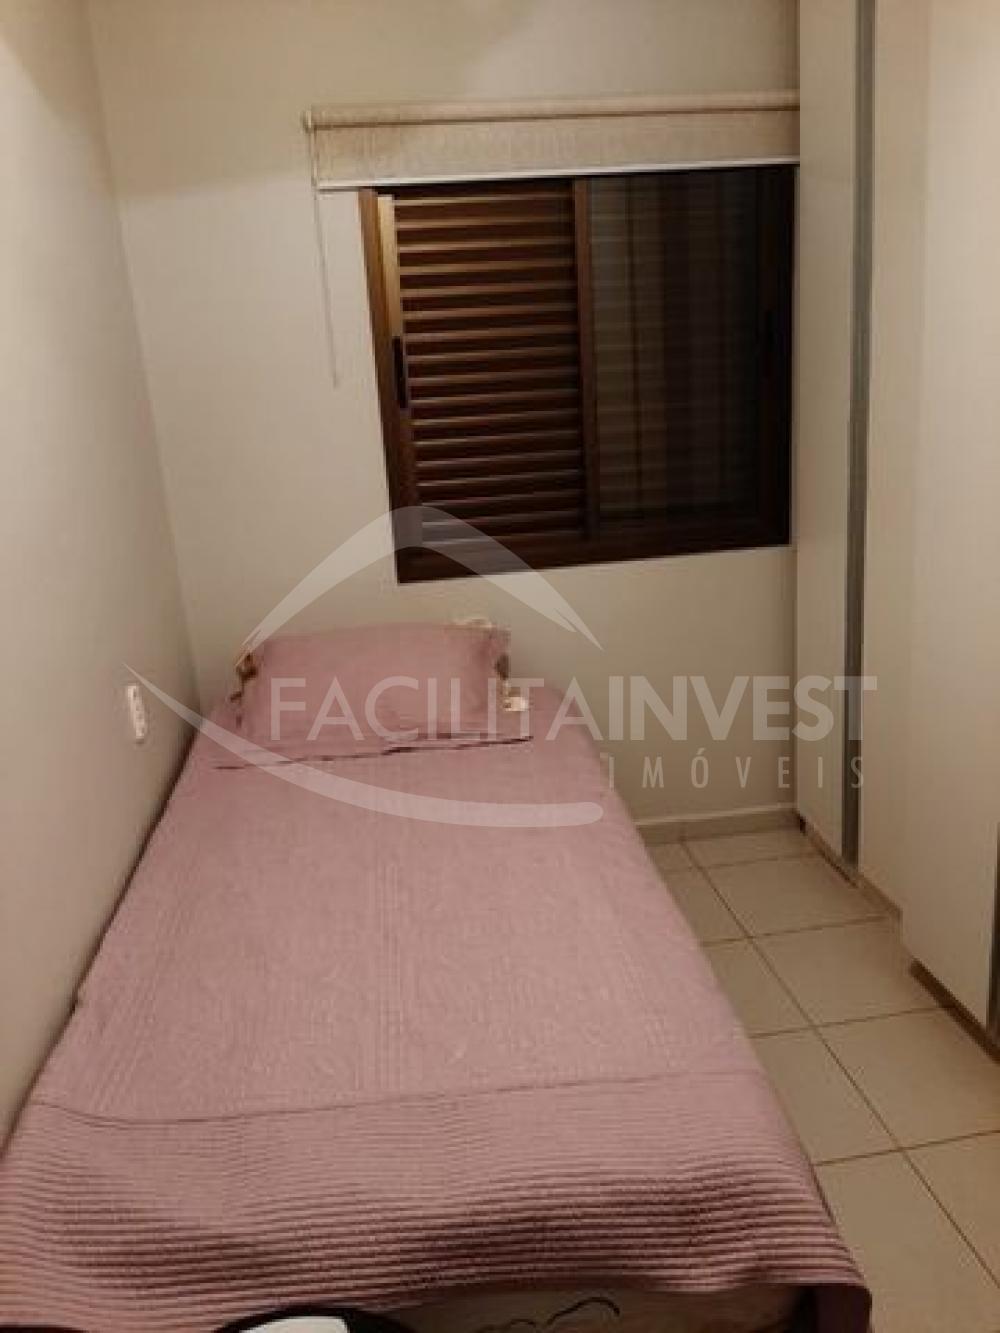 Alugar Apartamentos / Apartamento Mobiliado em Ribeirão Preto apenas R$ 1.400,00 - Foto 9